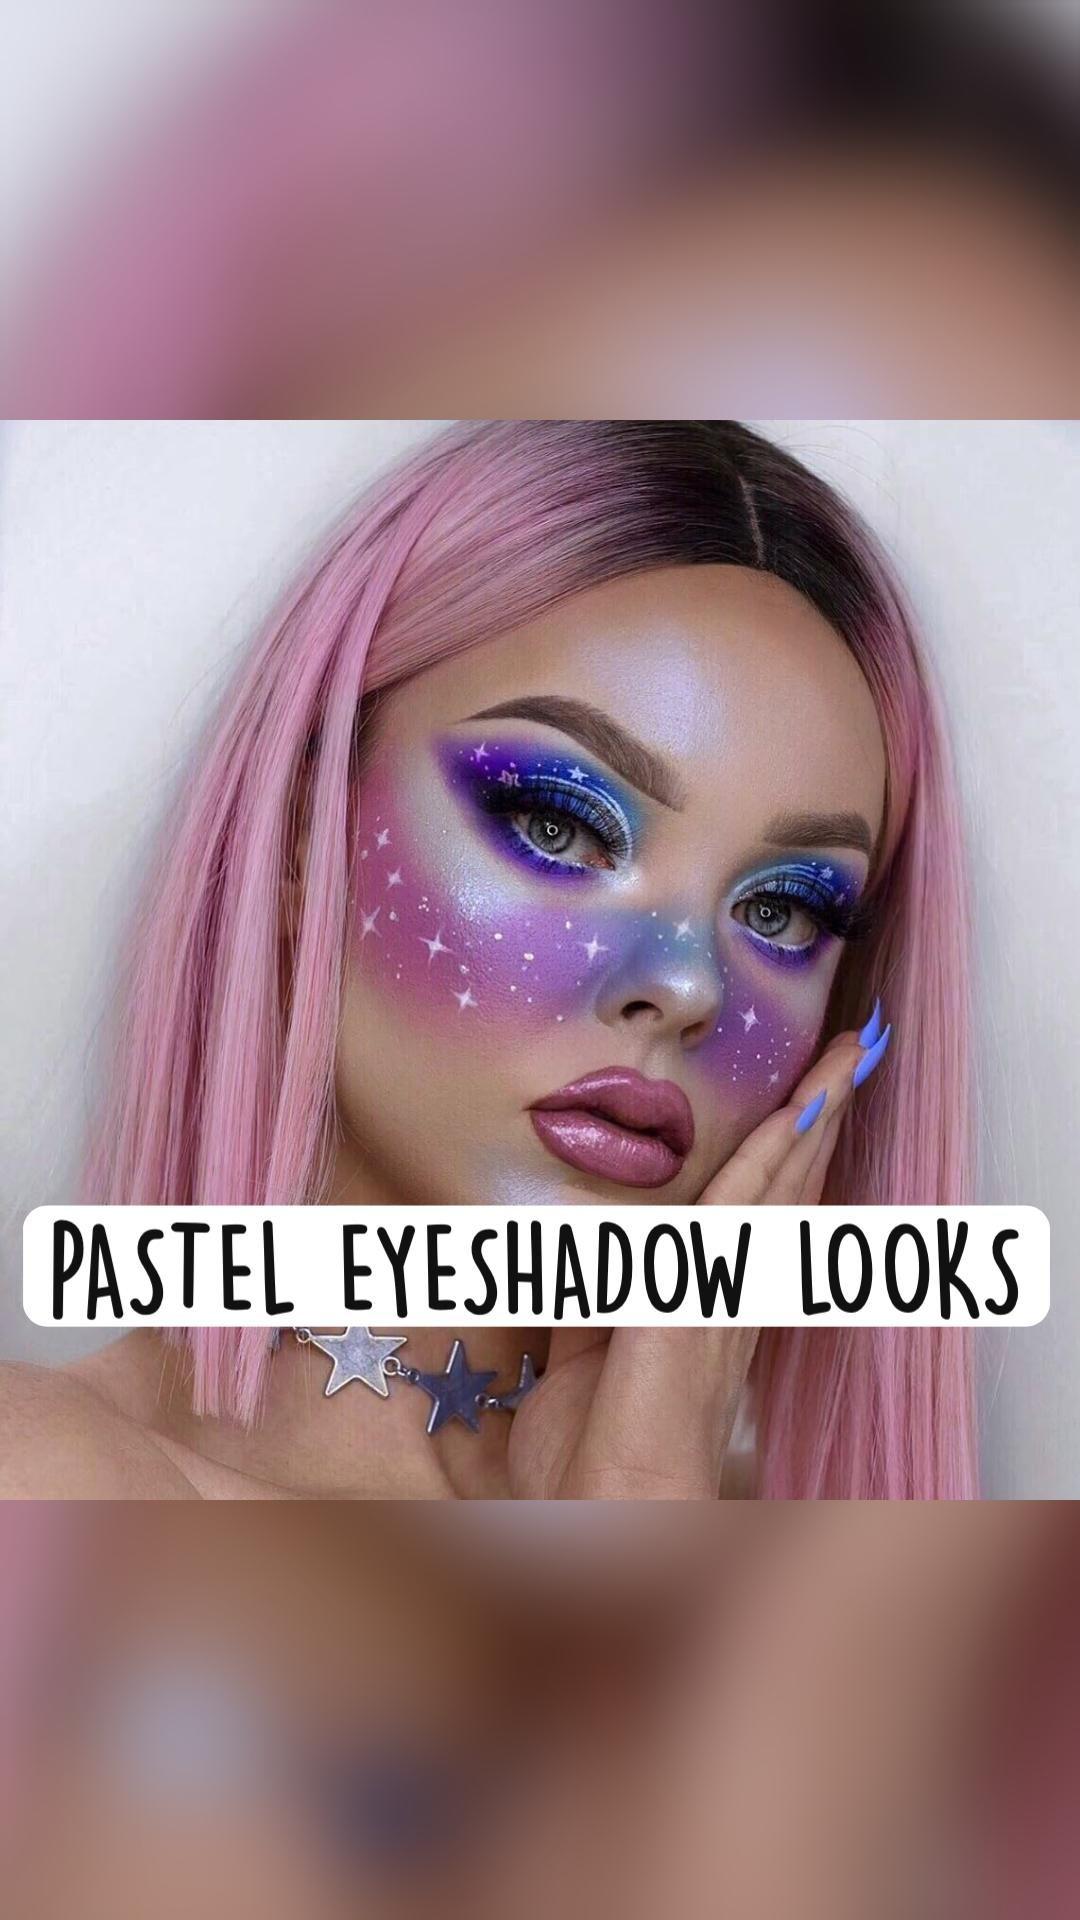 PASTEL EYESHADOW LOOKS